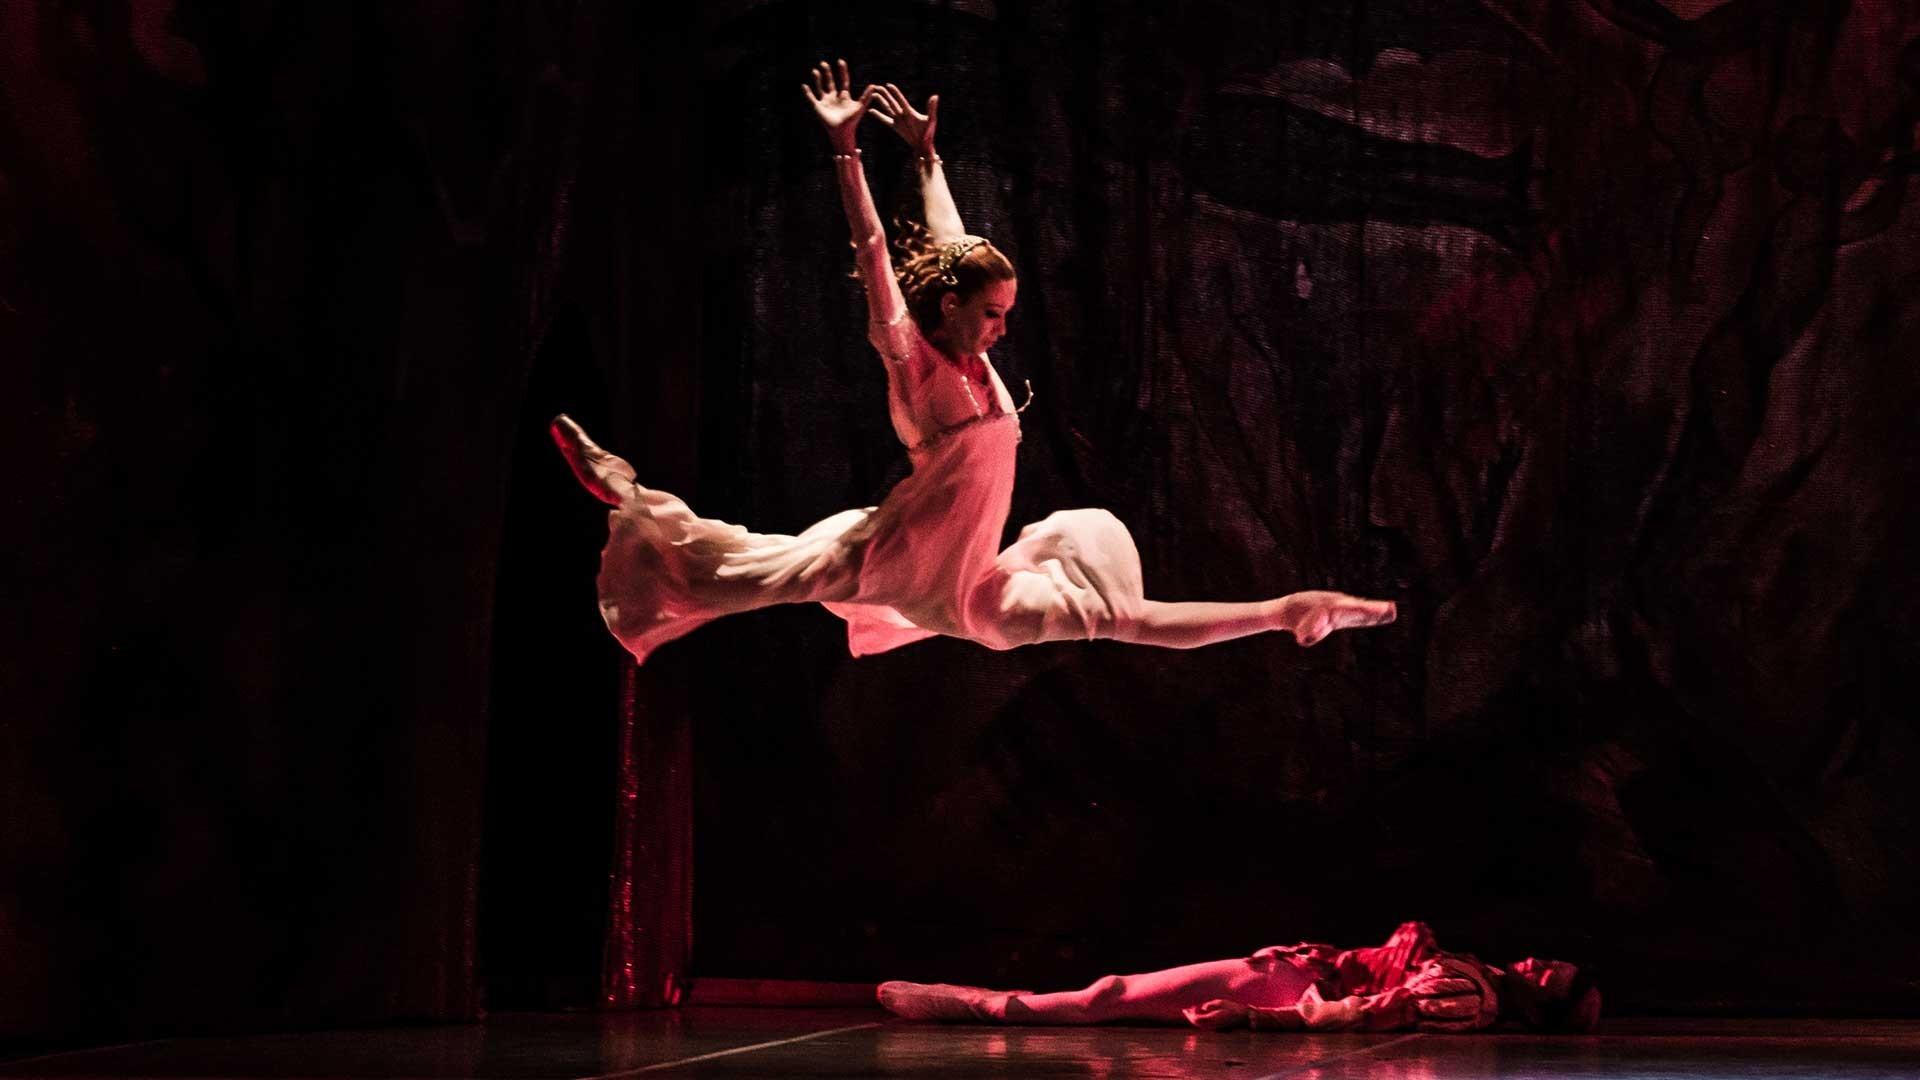 Ромео и Джульетта. Государственный академический театр классического балета Н. Касаткиной и В. Василёва